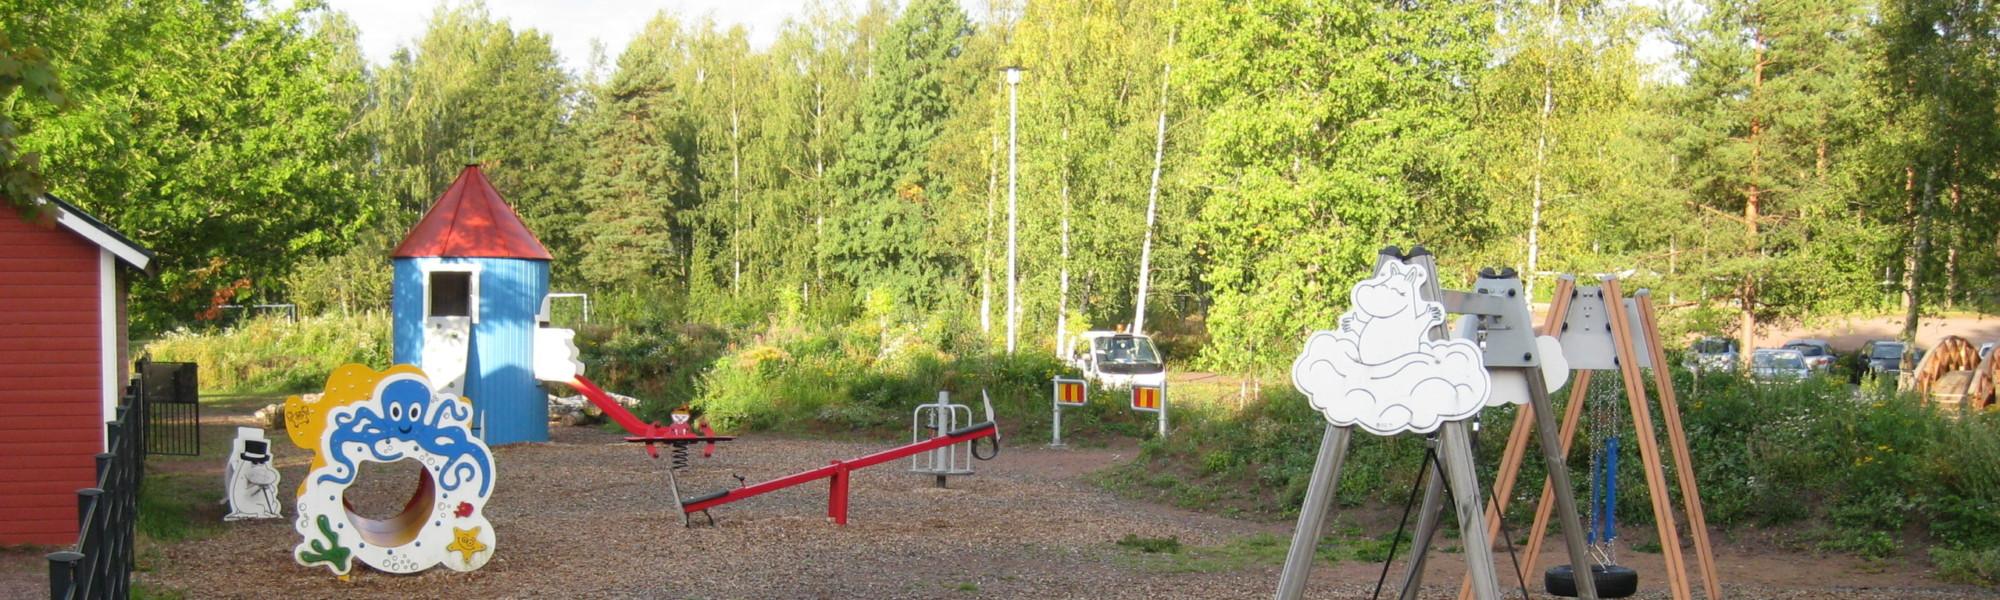 Kuvassa on Ututien leikkipaikka